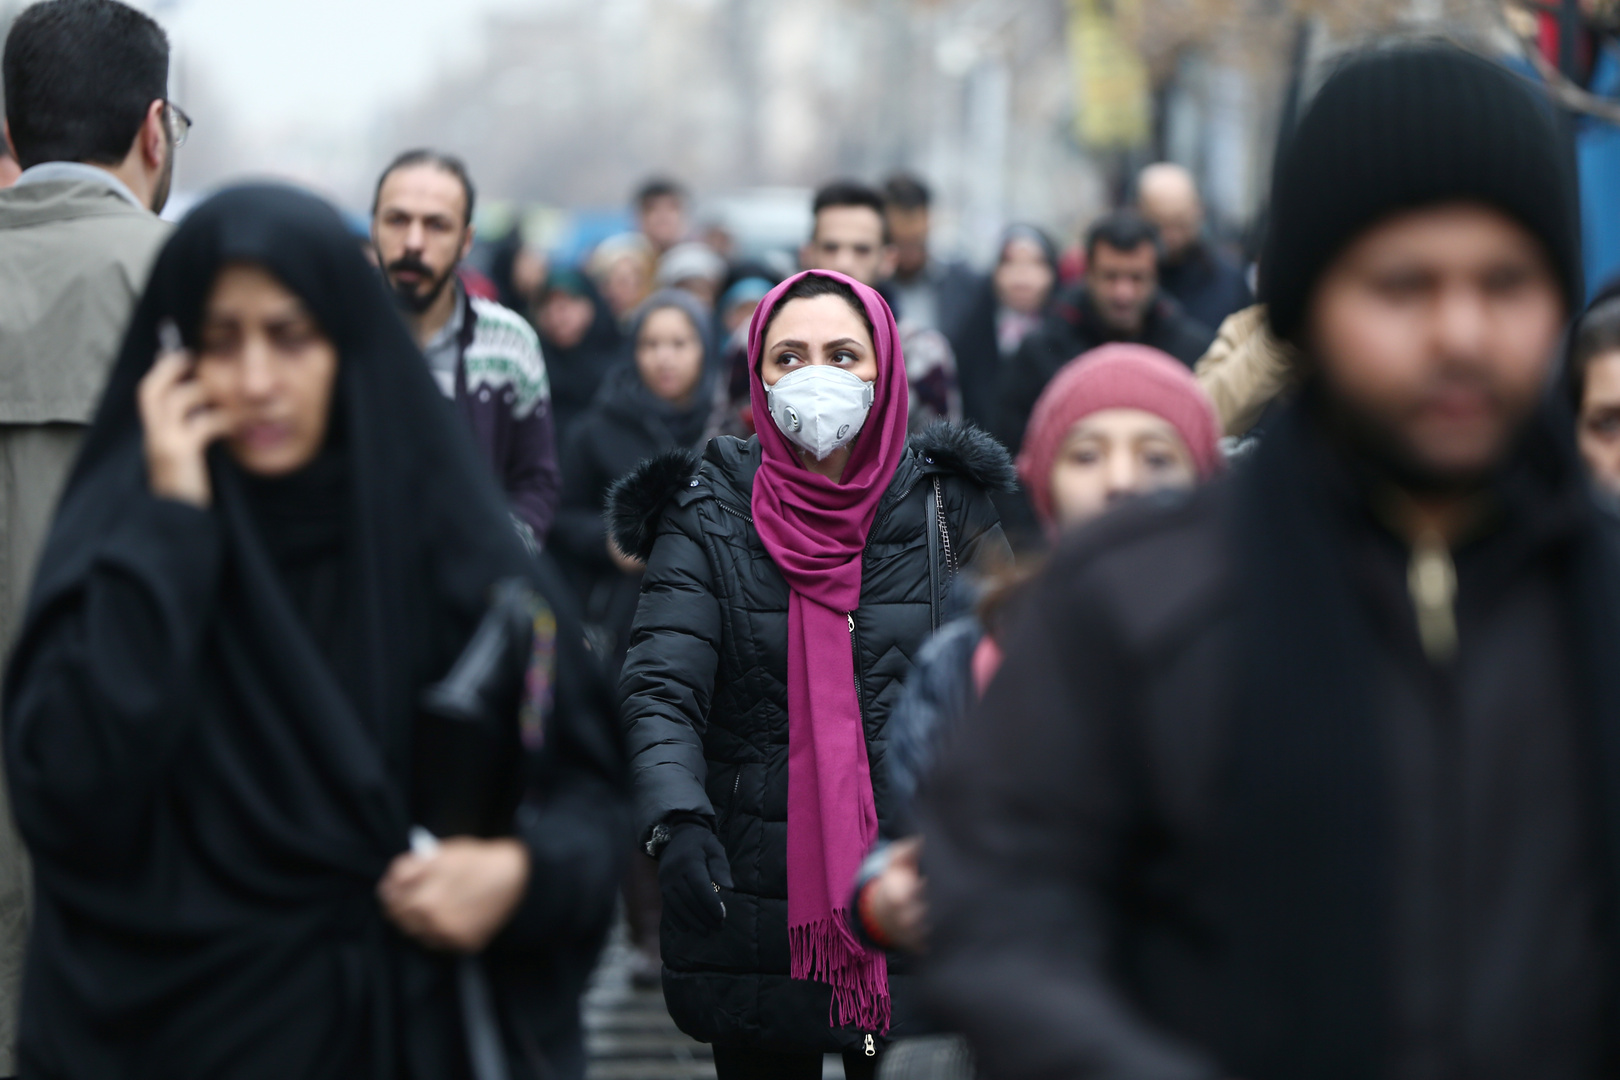 إيران تسجل أكبر حصيلة إصابات يومية بكورونا منذ بدء الجائحة